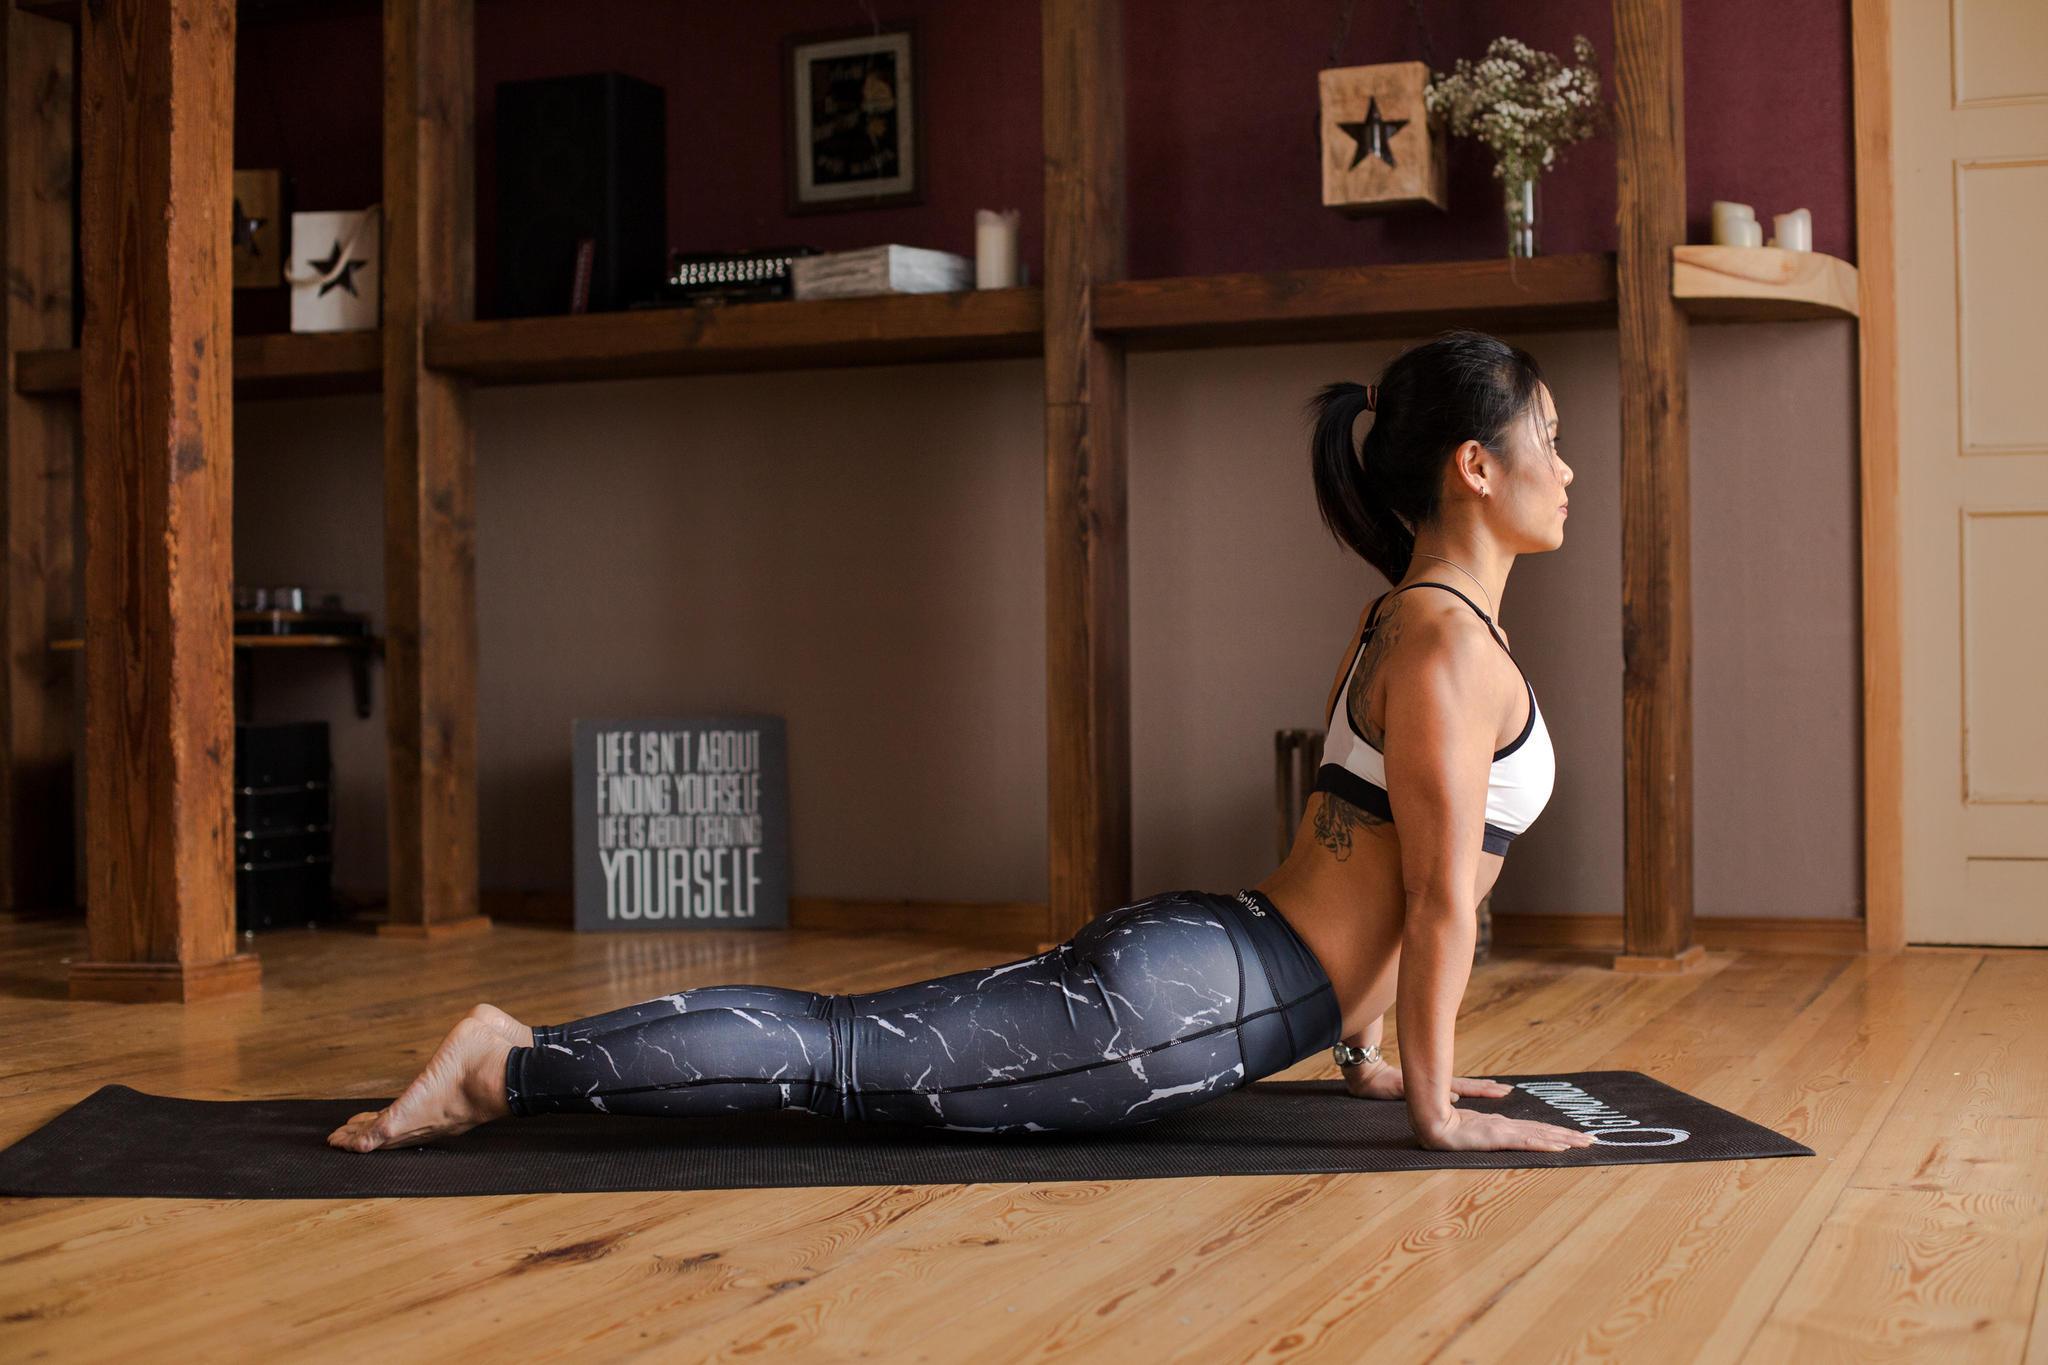 Nun senke mit der Ausatmung den Körper als eine Einheit Richtung Boden, bis die Ellbogen im rechten Winkel gebeugt sind. Deine Arme hältst du in der Beugung eng am Körper, den Nacken lang und die Schultern zurückgezogen. Um das Absenken des Körpers zu vereinfachen, können Einsteiger hier die Knie am Boden lassen. Lege den Körper vollständig ab und entspanne deine Füße. Wichtig ist, den Körper in der Bewegung mit aktiver Bauch-, und Rückenmuskulatur vollständig zu stabilisieren. Diese Übung trainiert die gesamte Muskulatur deines Oberkörpers, insbesondere deine Bauchmuskulatur.